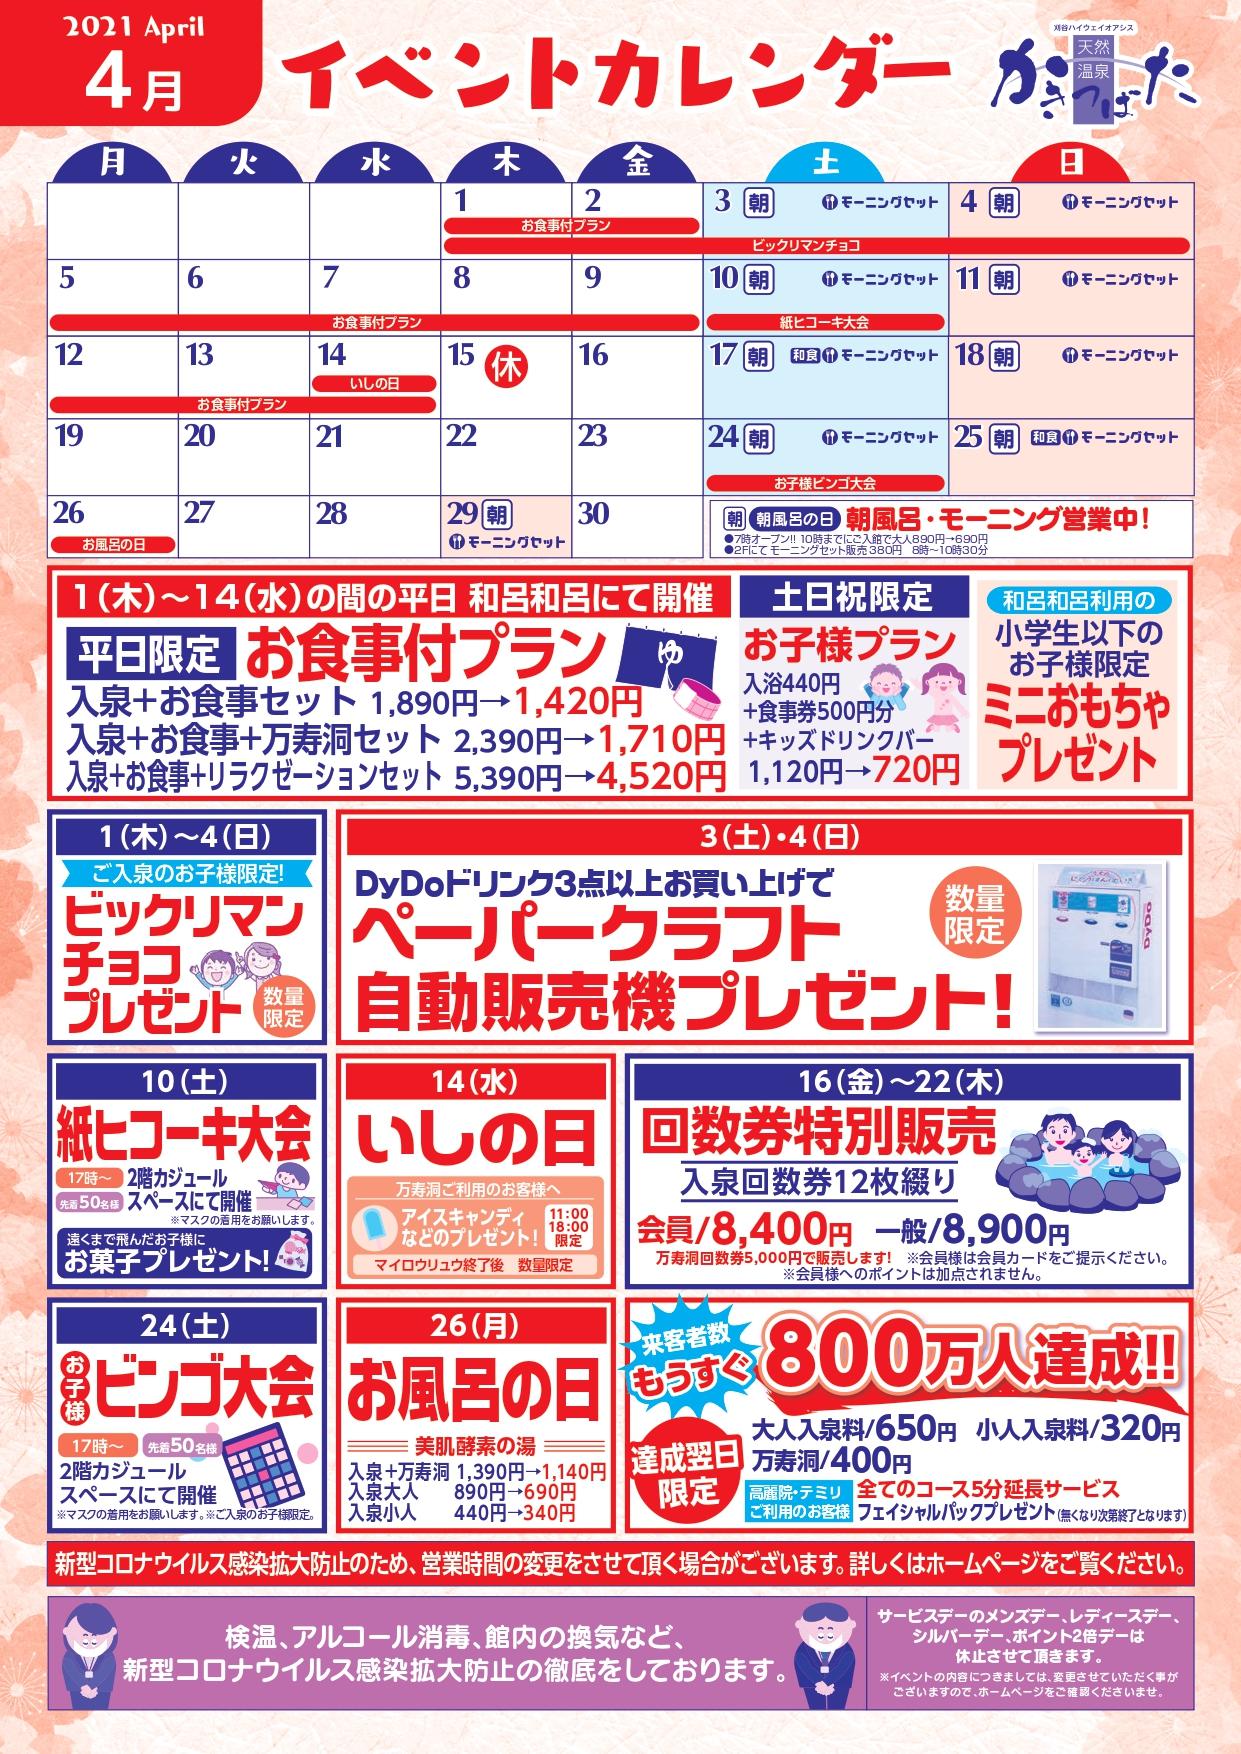 2021年4月イベントカレンダー